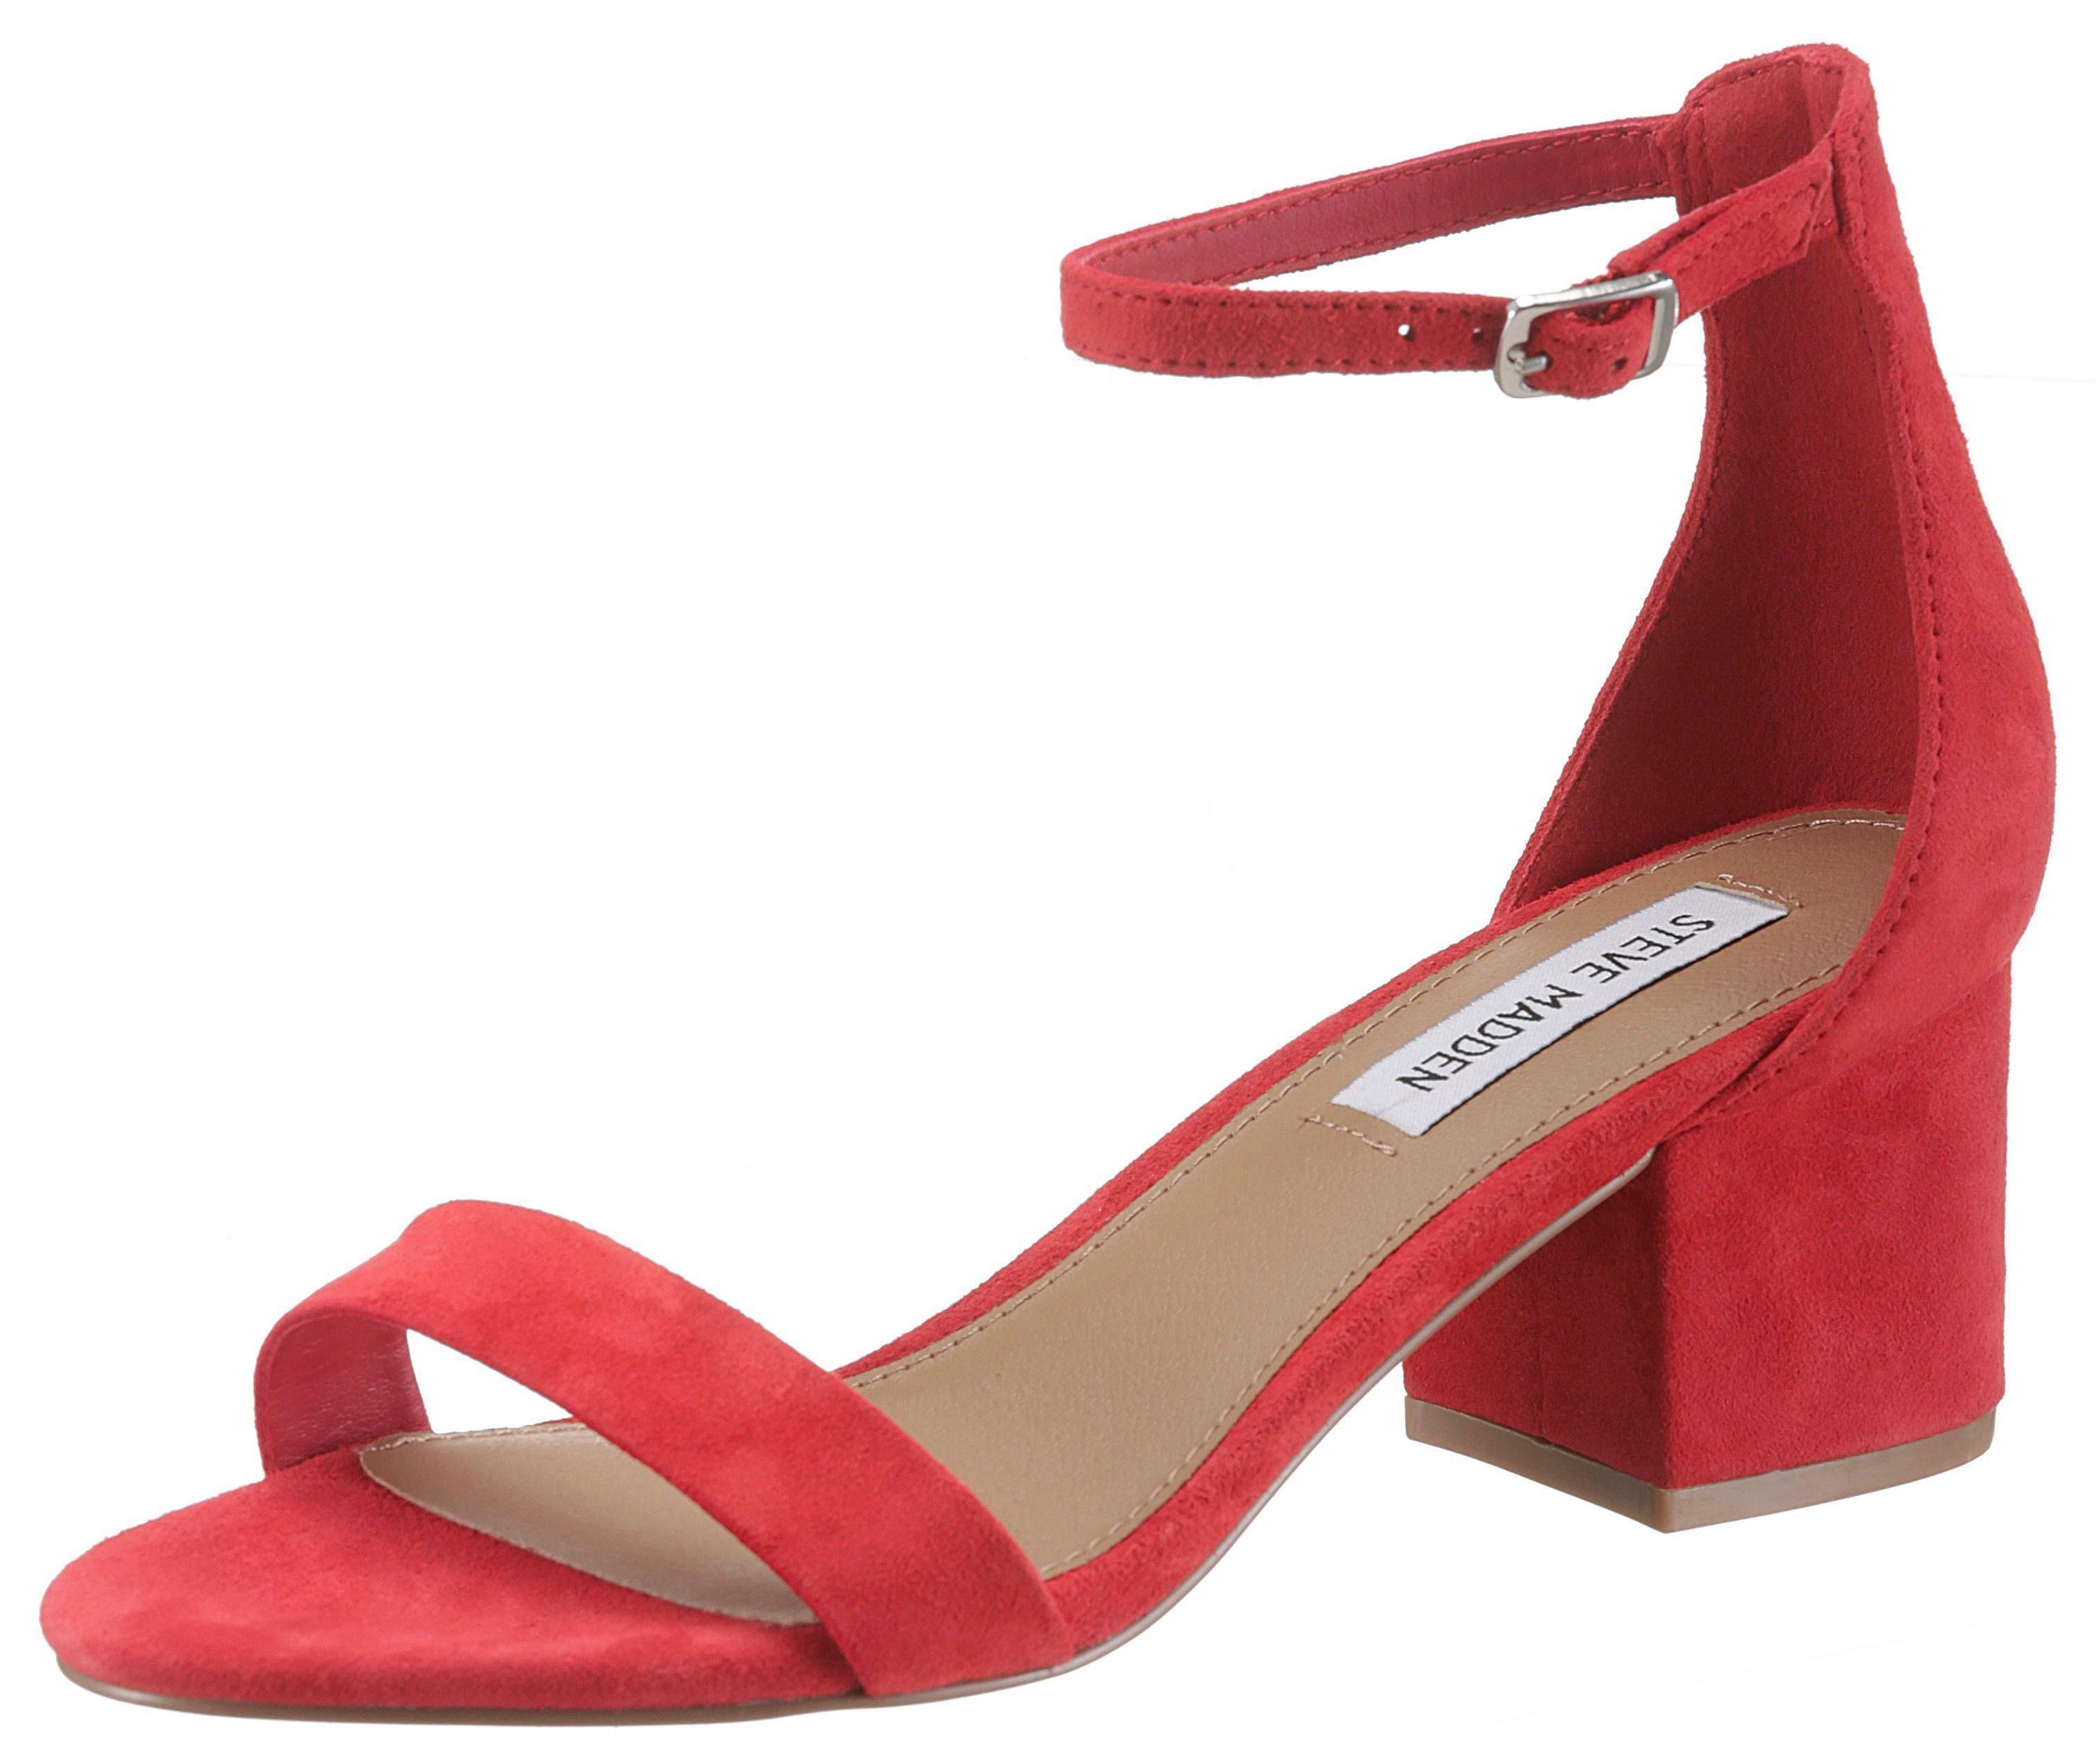 STEVE MADDEN Sandalette, mit Fesselriemchen, rot, rot